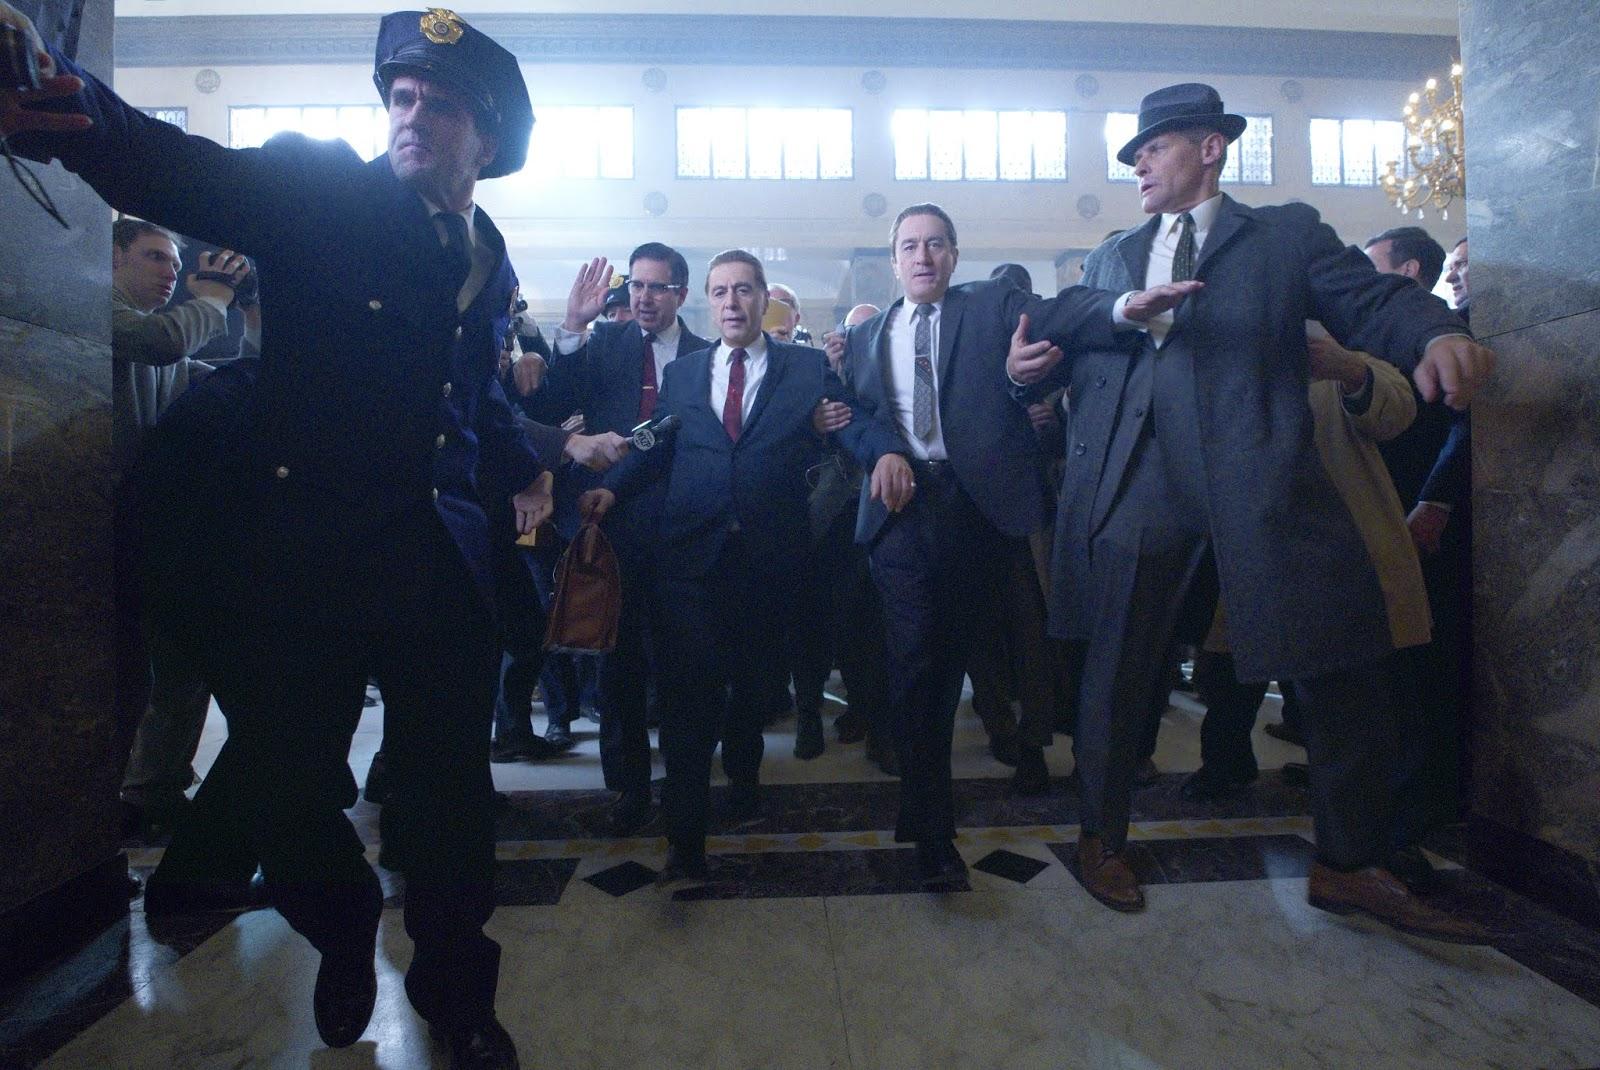 Netflix divulga trailer final de 'O Irlandês' com Robert De Niro e Al Pacino